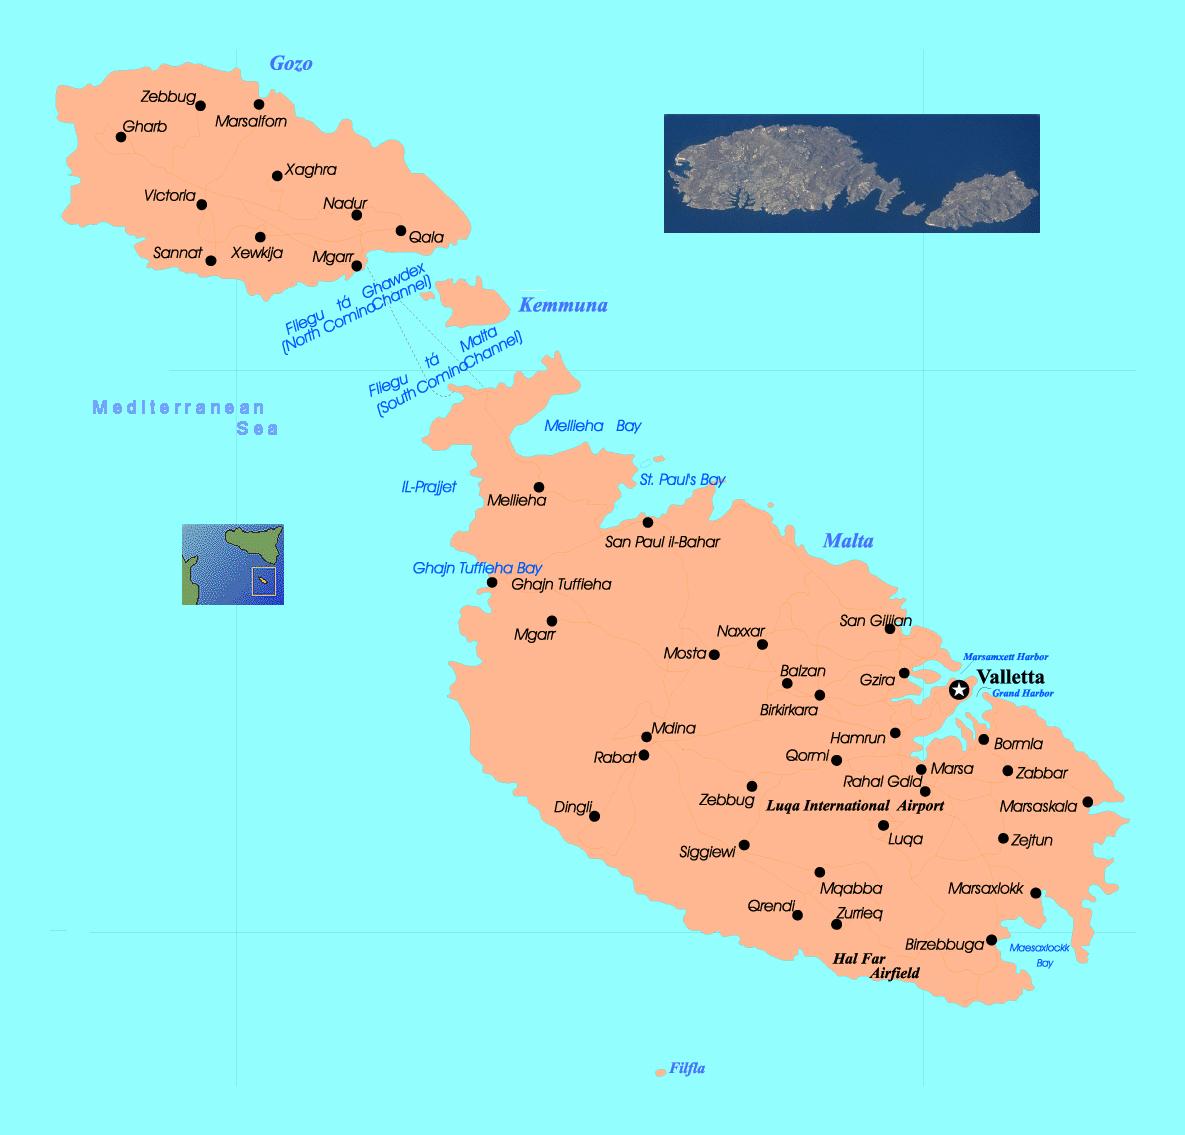 Detallado Mapa De Malta Y Gozo Con Carreteras Y Ciudades Malta